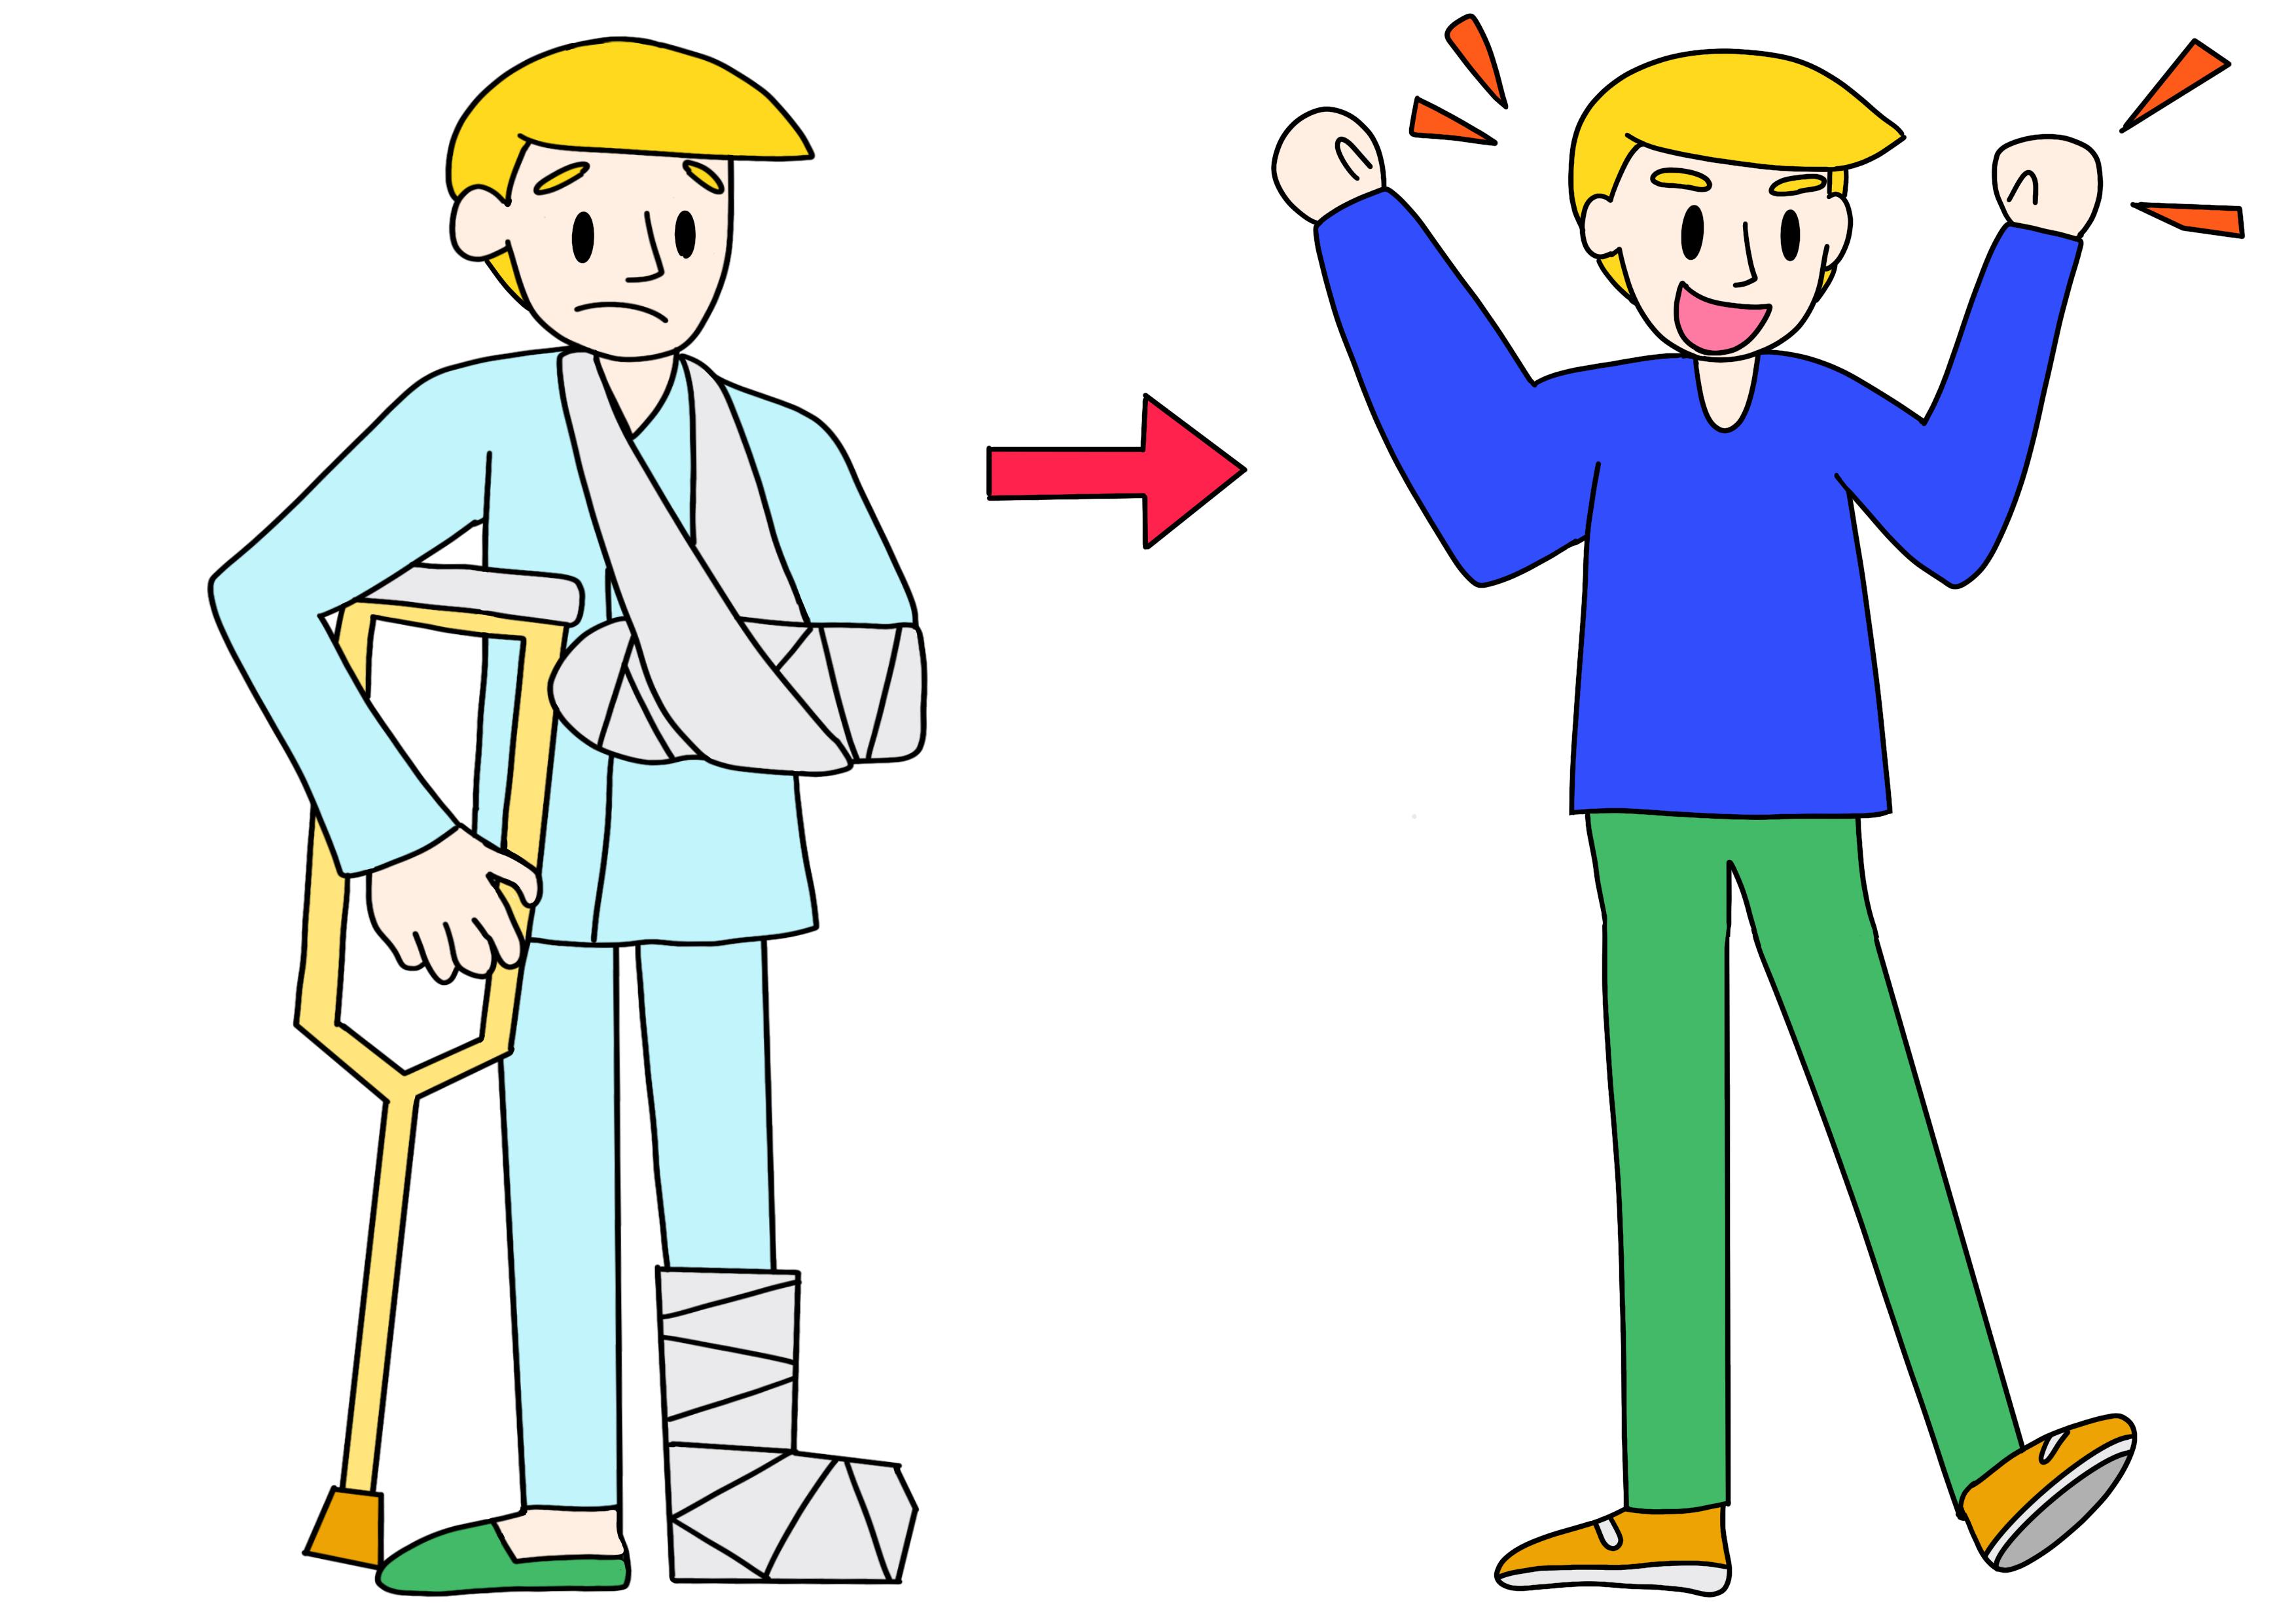 35課イラスト【怪我が治る】